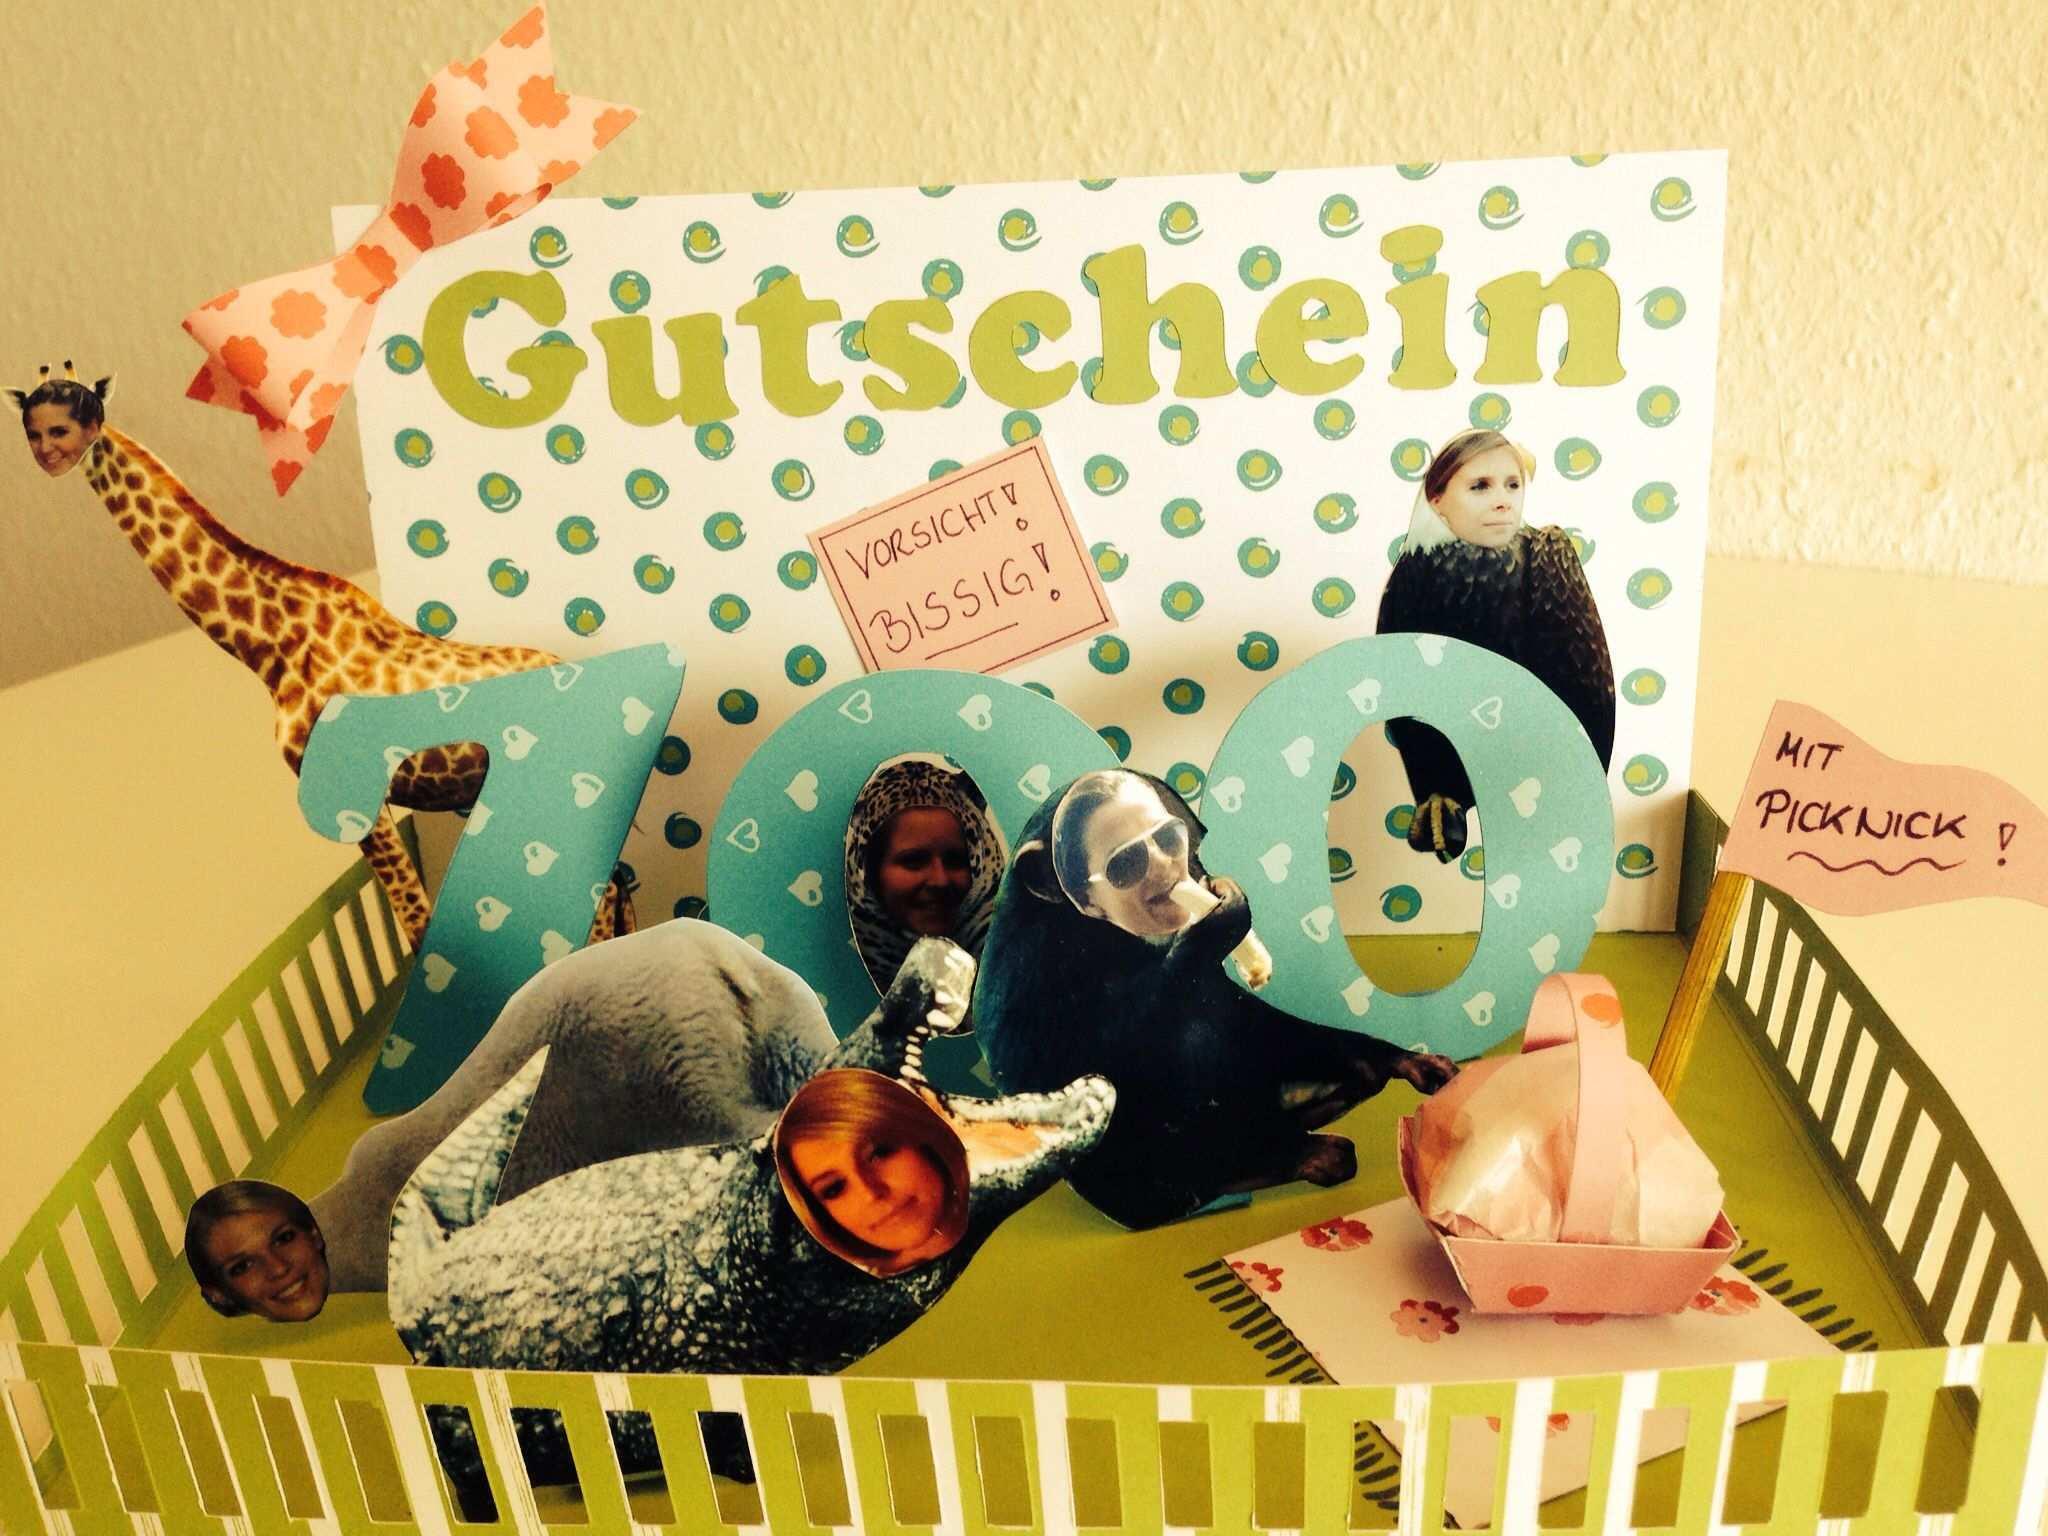 Zoo Gutschein In 3d Optik Gutschein Basteln Zoo Geschenke Basteln Gutschein Basteln